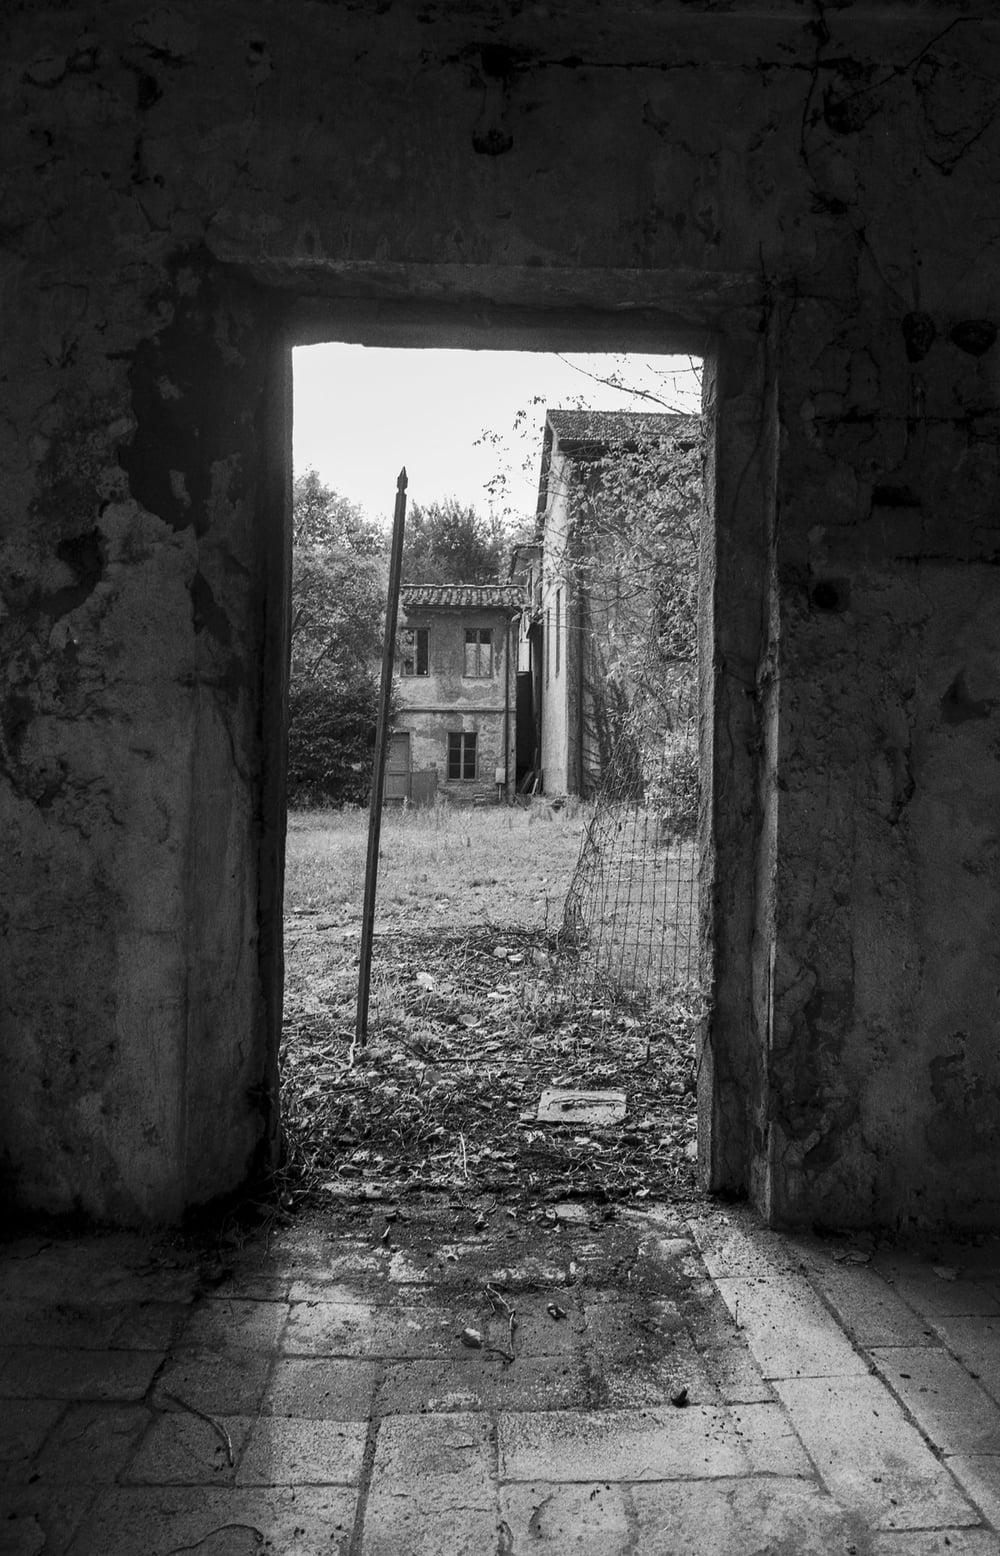 81010-12161381-Doorway_jpg.jpg